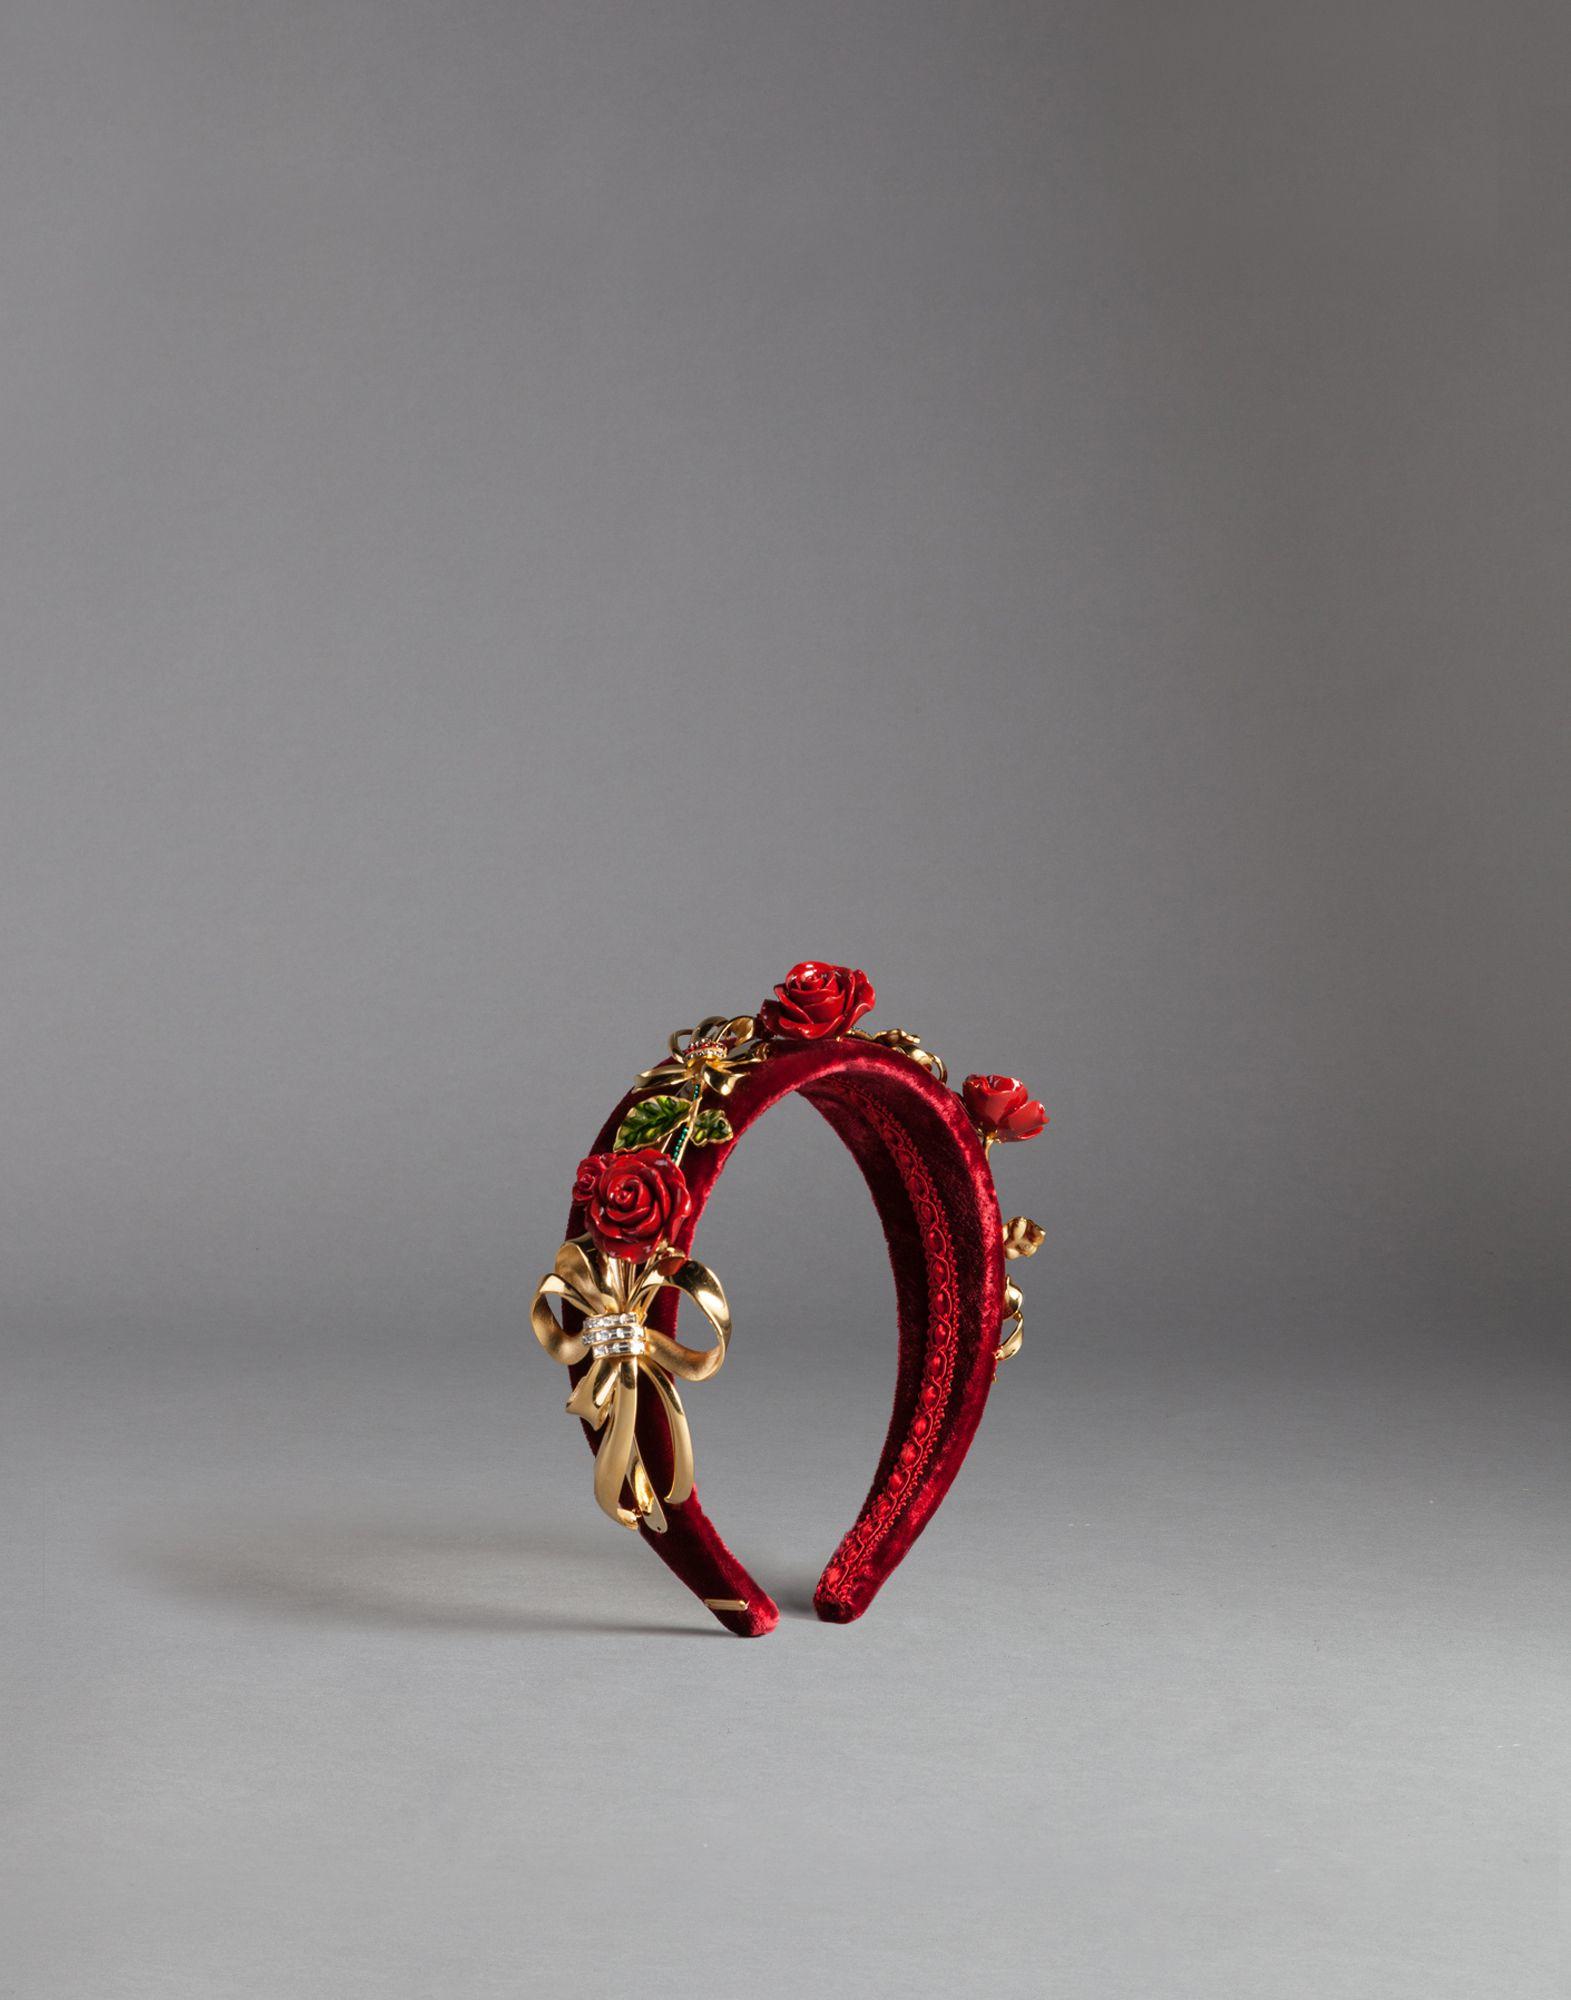 Lyst - Dolce   Gabbana Red Velvet Headband in Red 49573769787